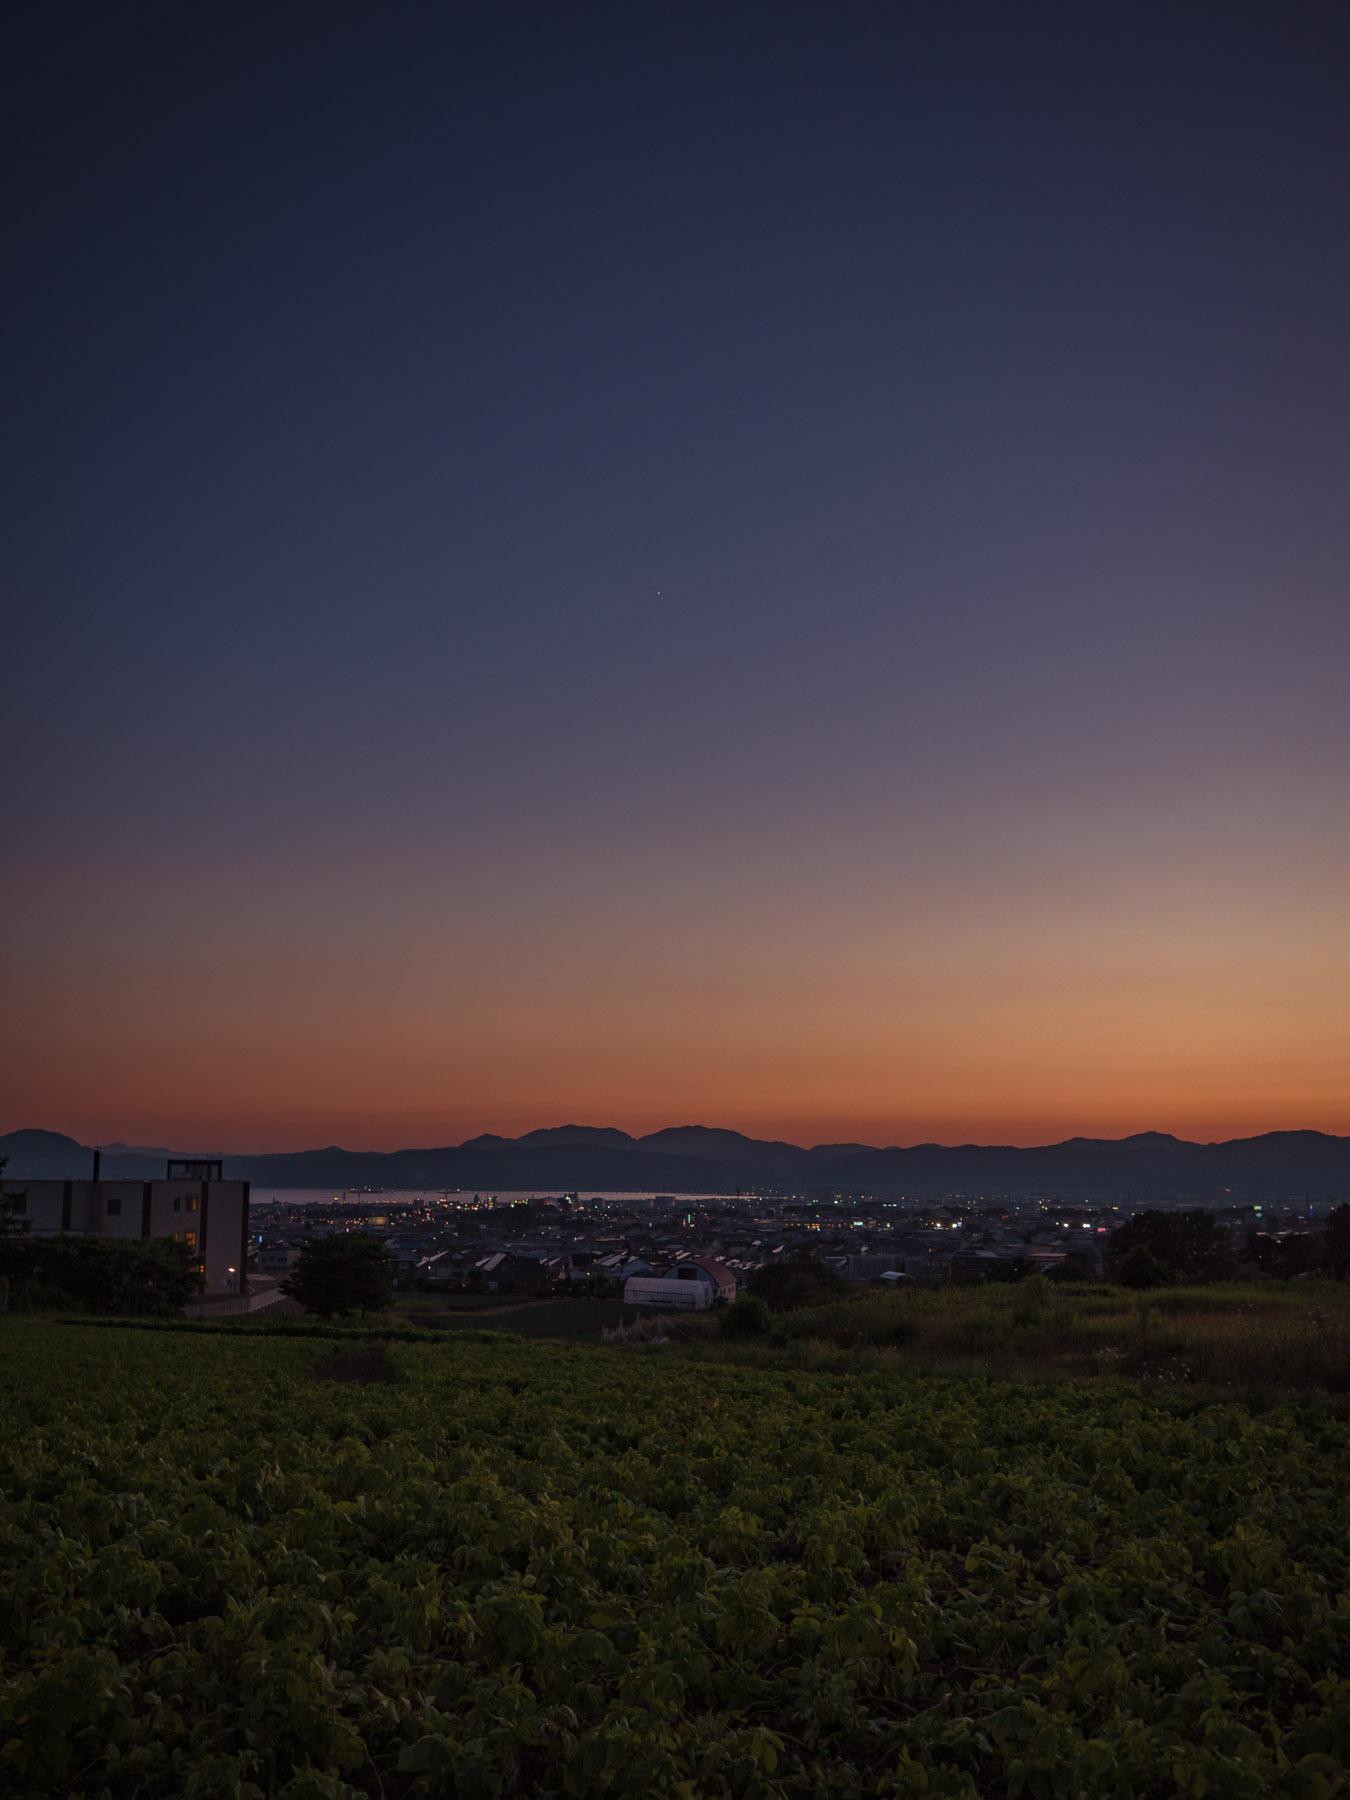 夜の闇に溶けゆく函館湾と市街地と山並みとオレンジ色の地平線